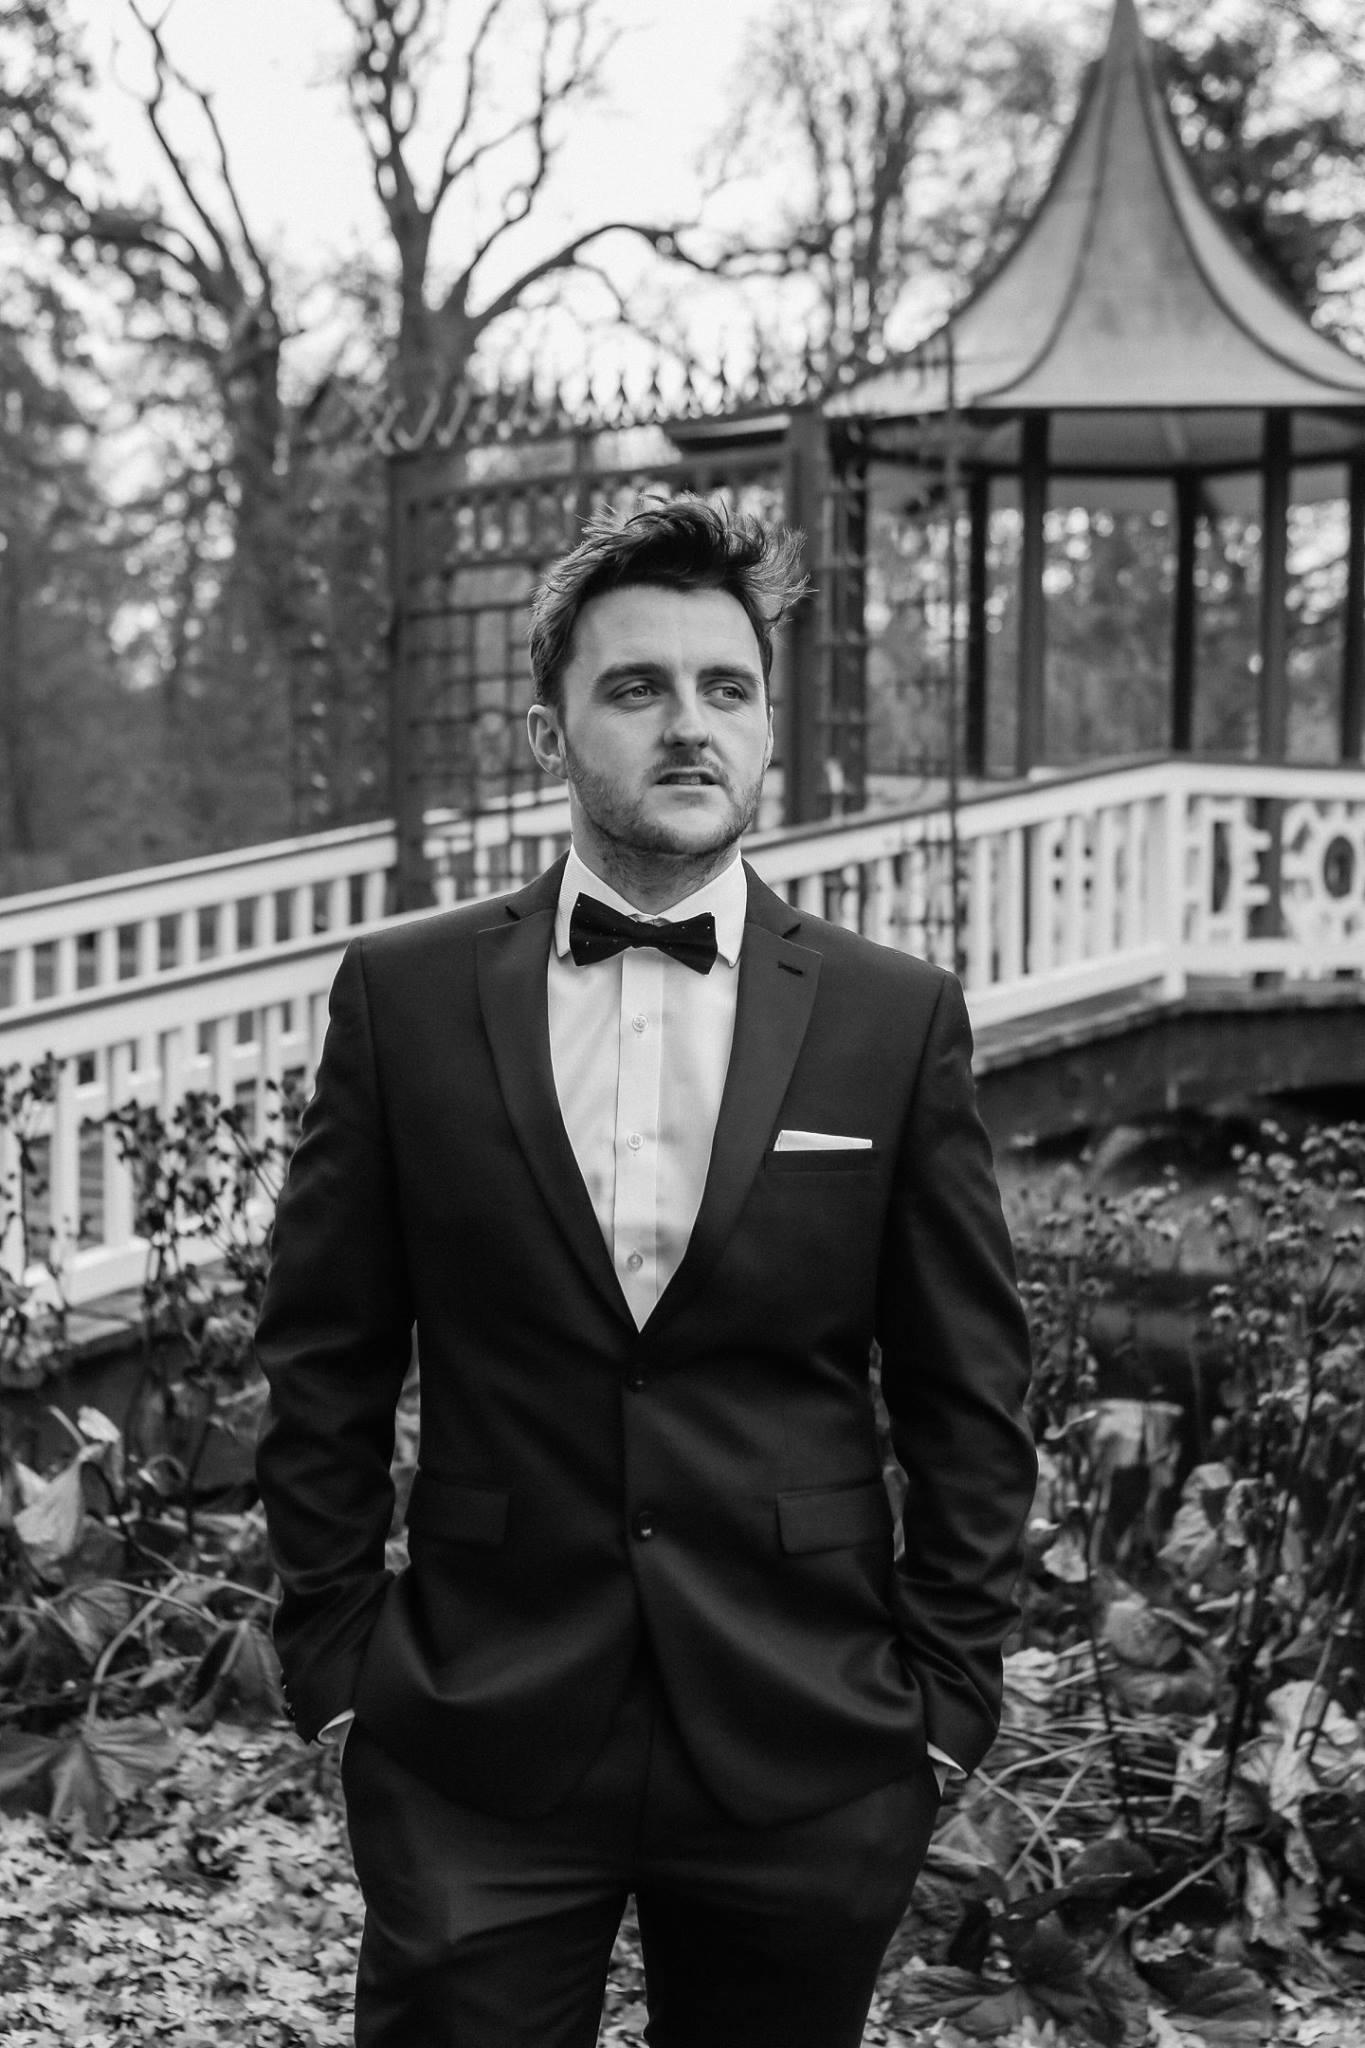 copenhagen-wedding-photograoher15